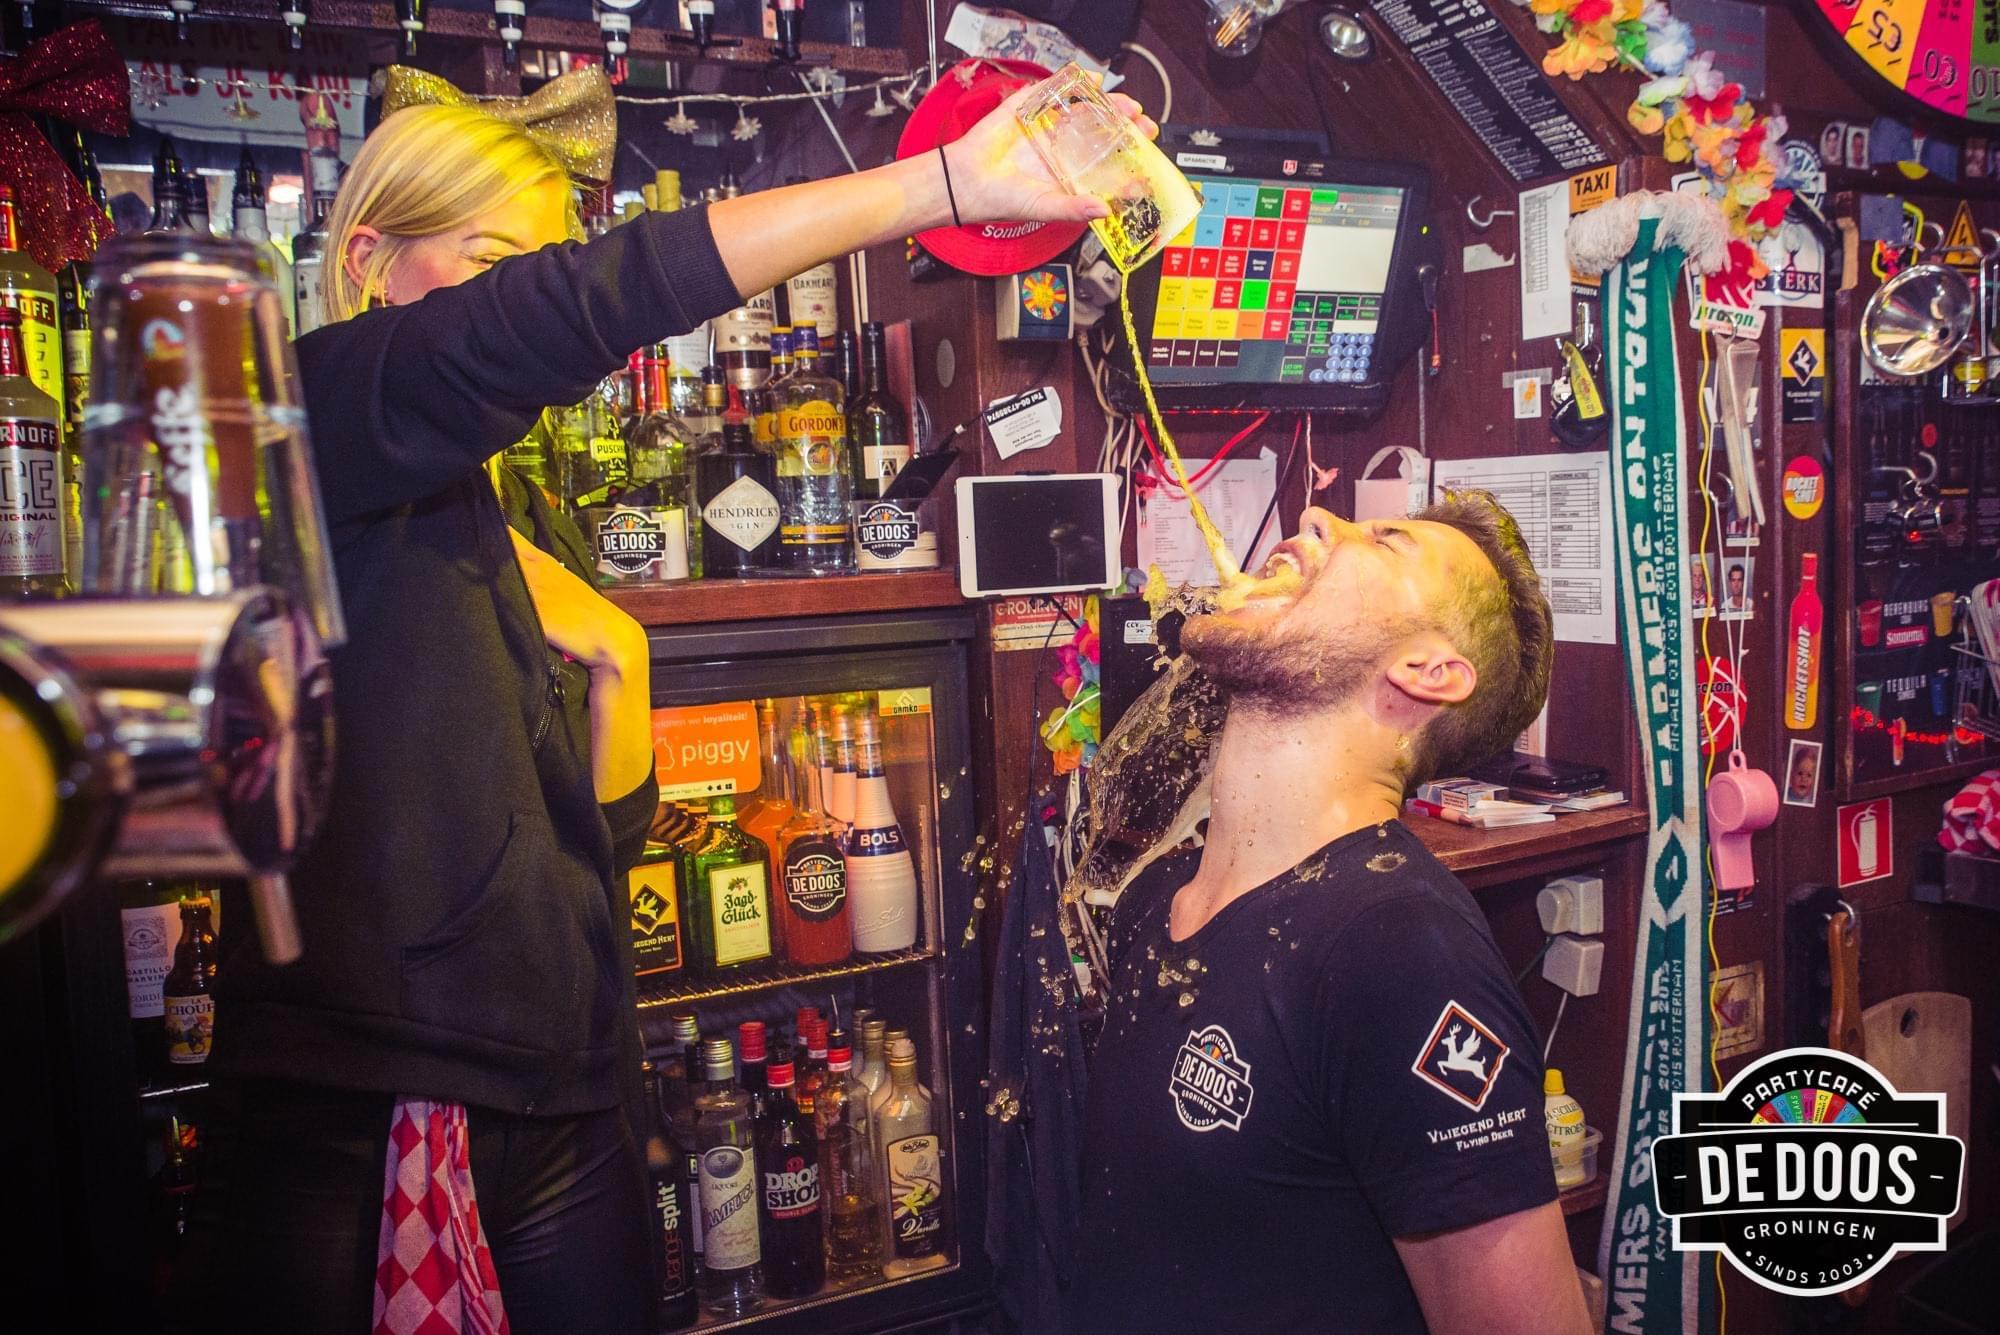 Bierproeverij Groningen - Café de Doos